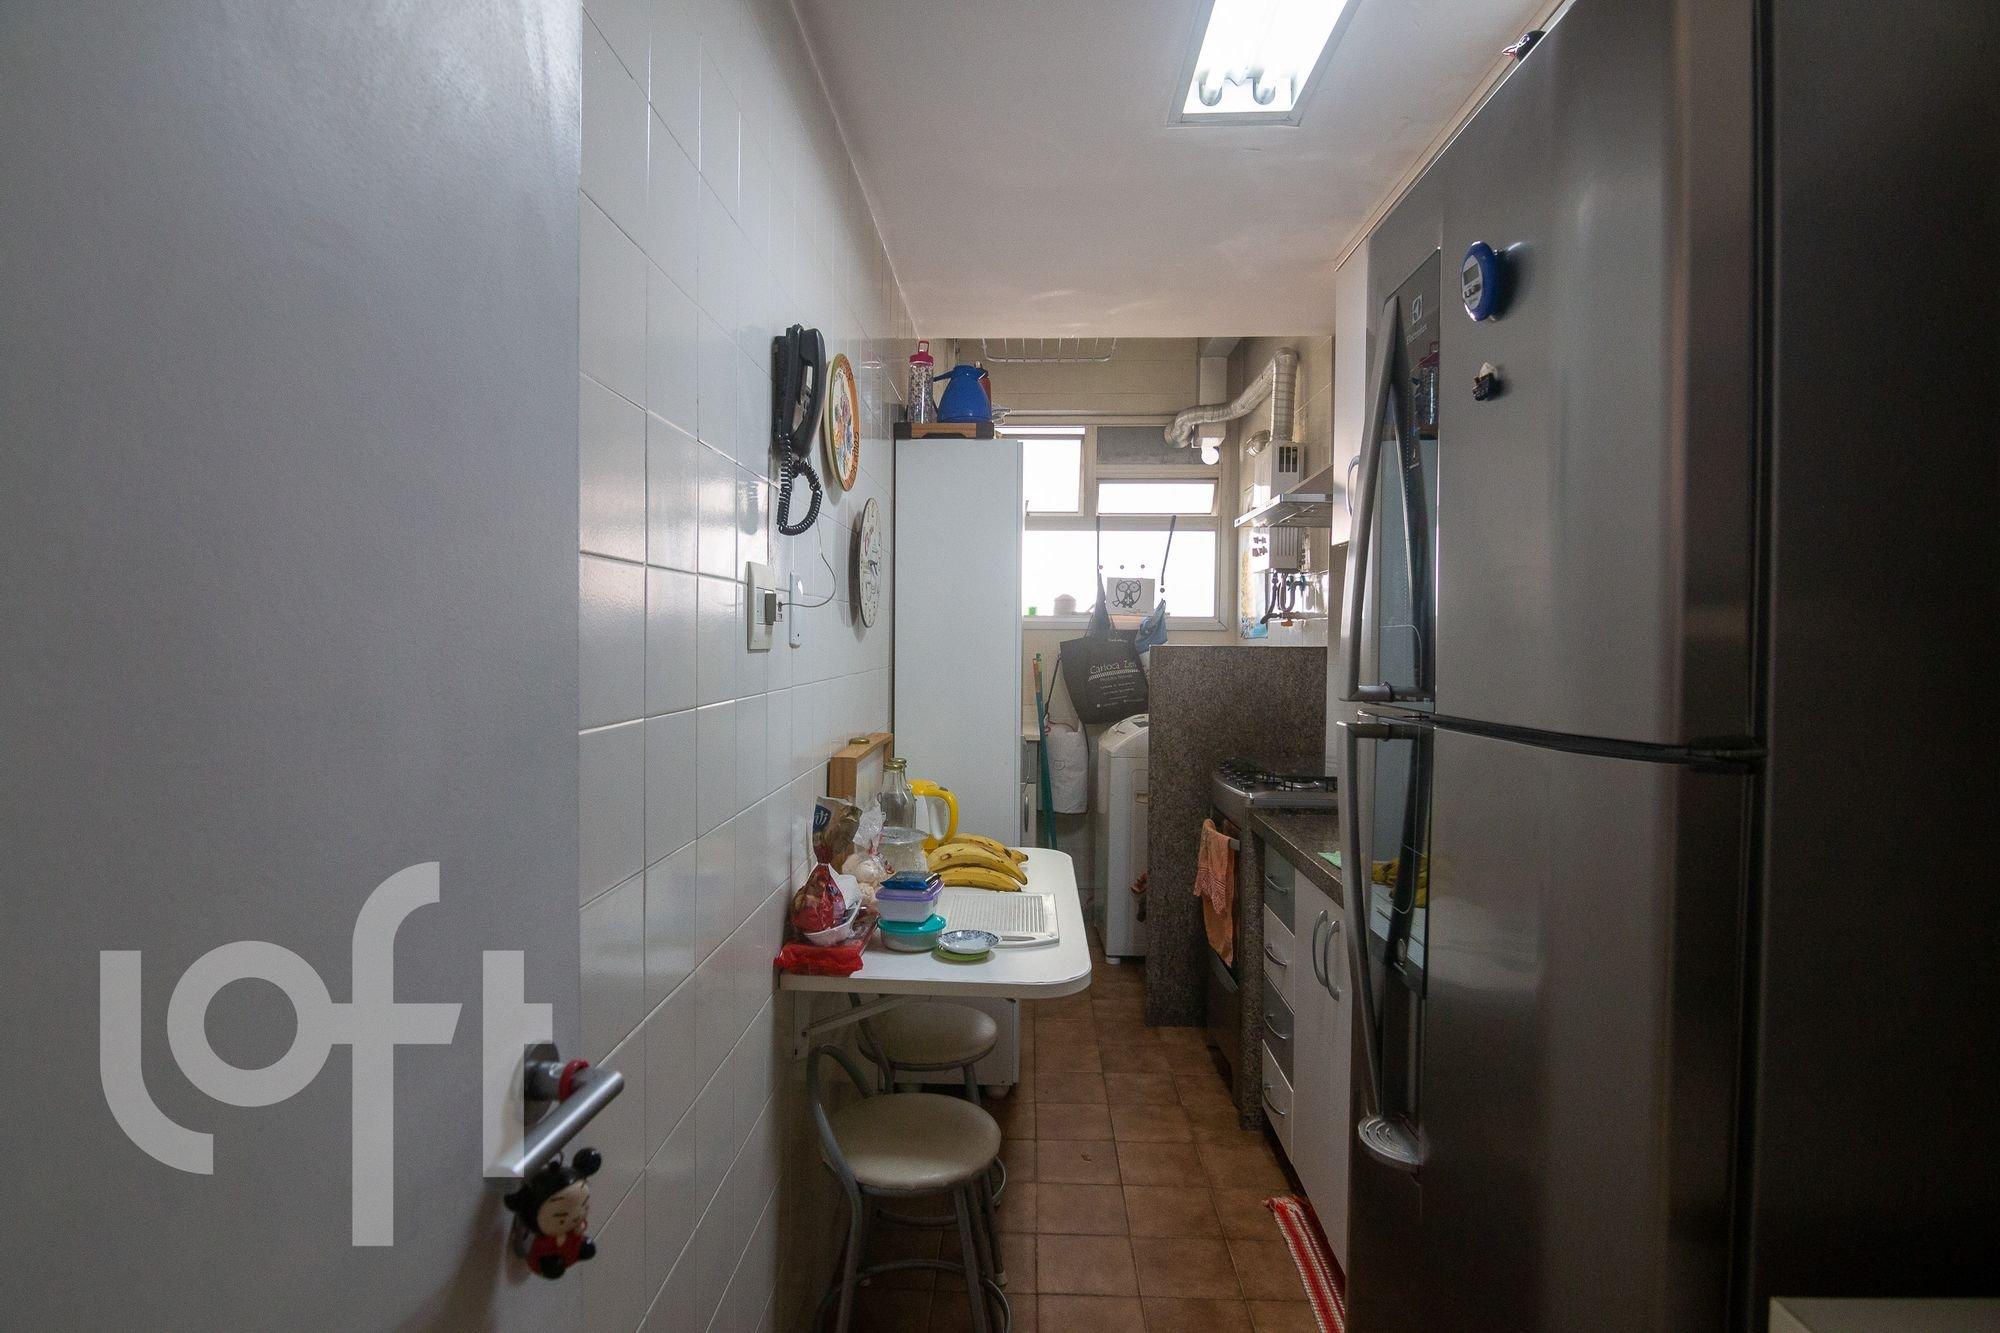 Foto de Cozinha com garrafa, geladeira, cadeira, mesa de jantar